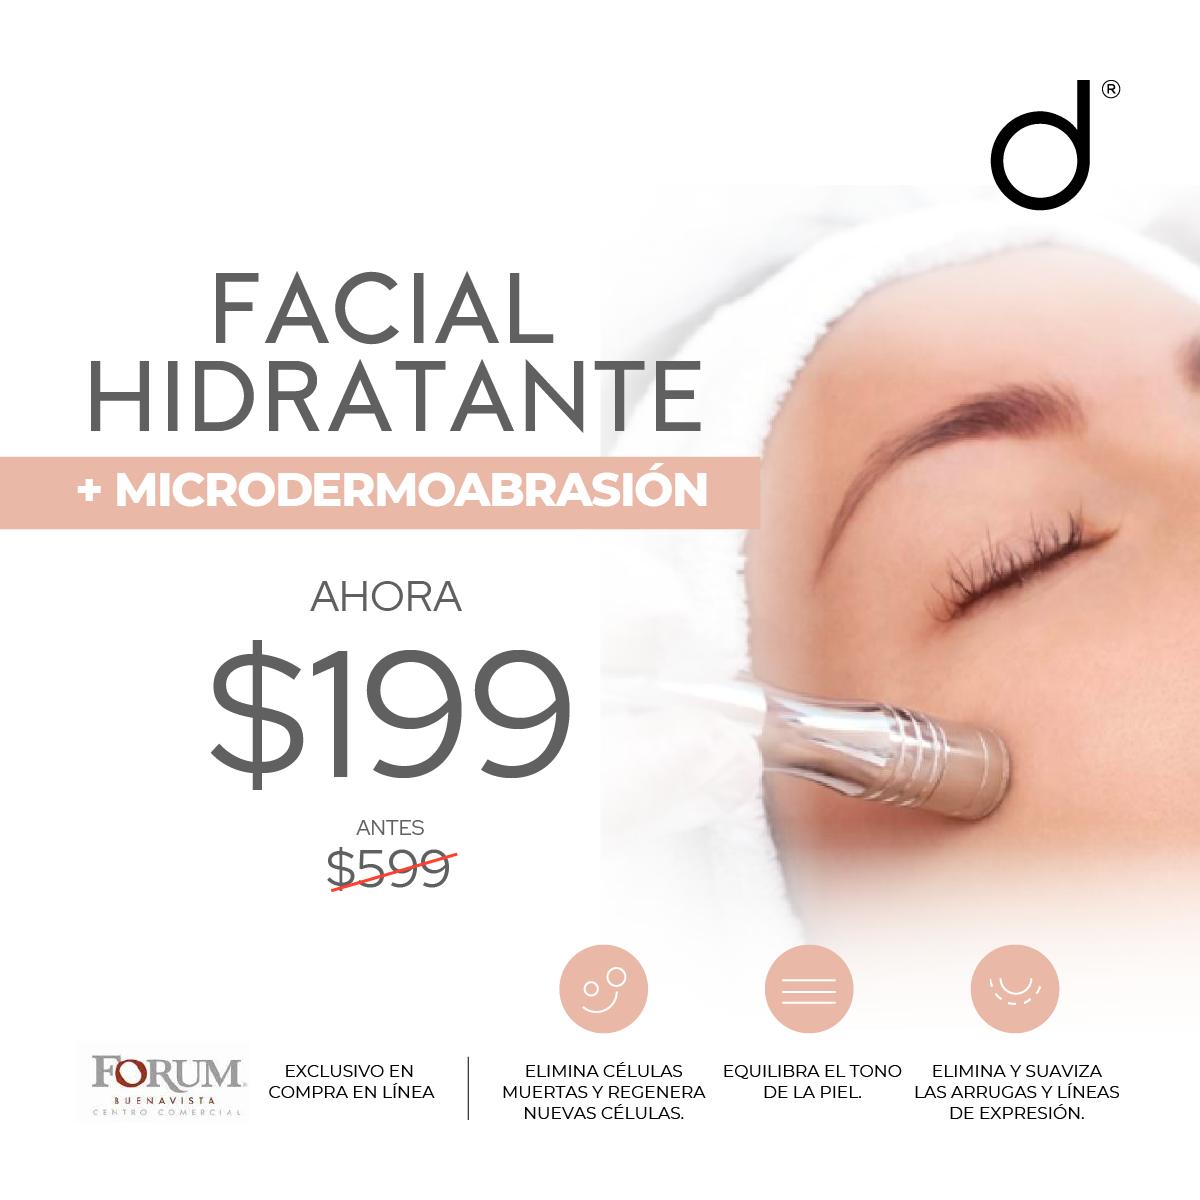 Facial Hidratante + Microdermoabrasión- SÓLO FORUM BUENAVISTA&w=900&h=900&fit=crop